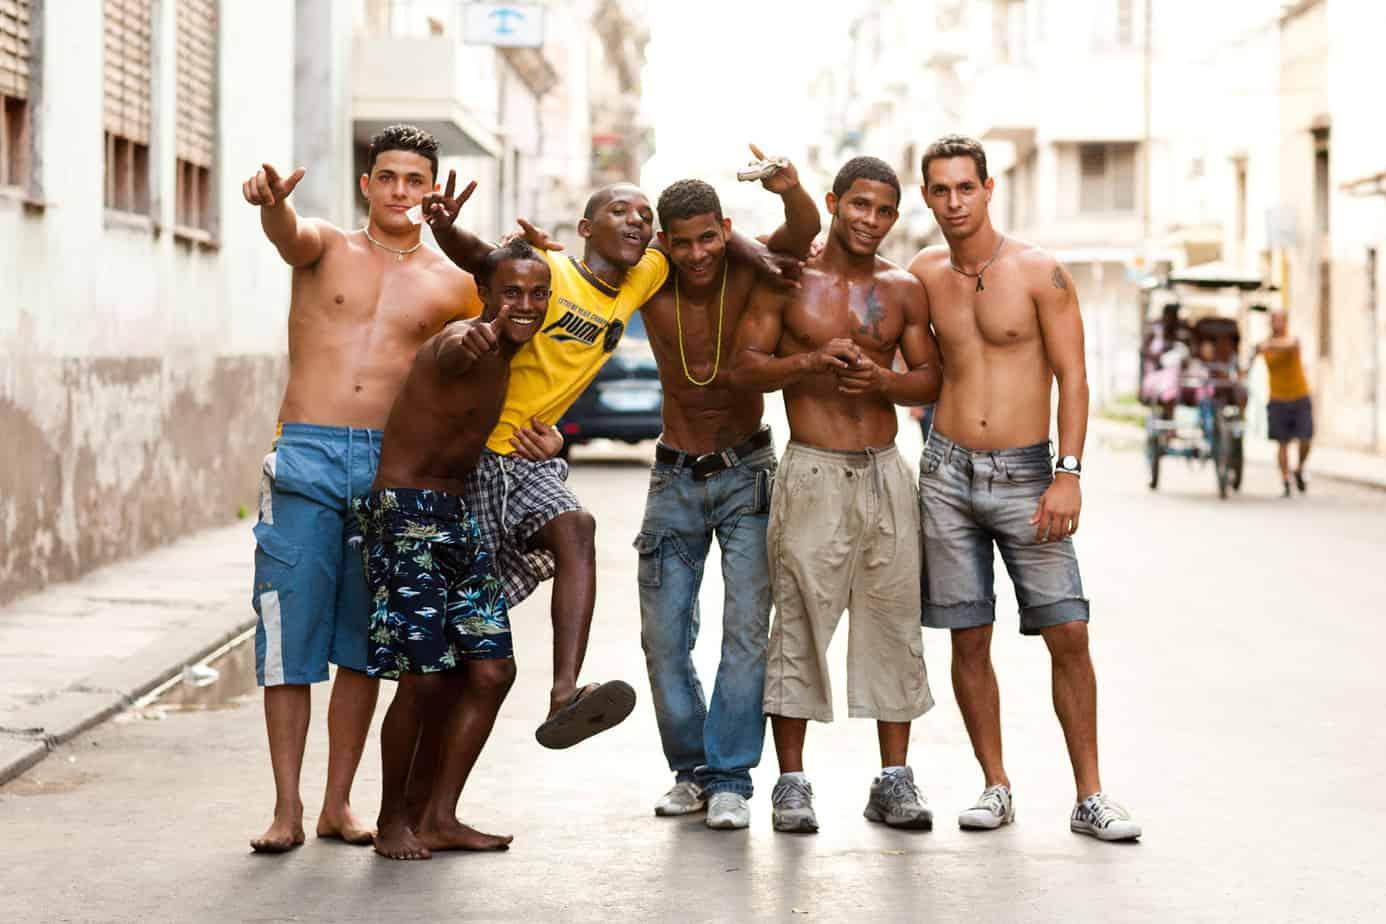 гаража кубинские мужчины фото метельчатых